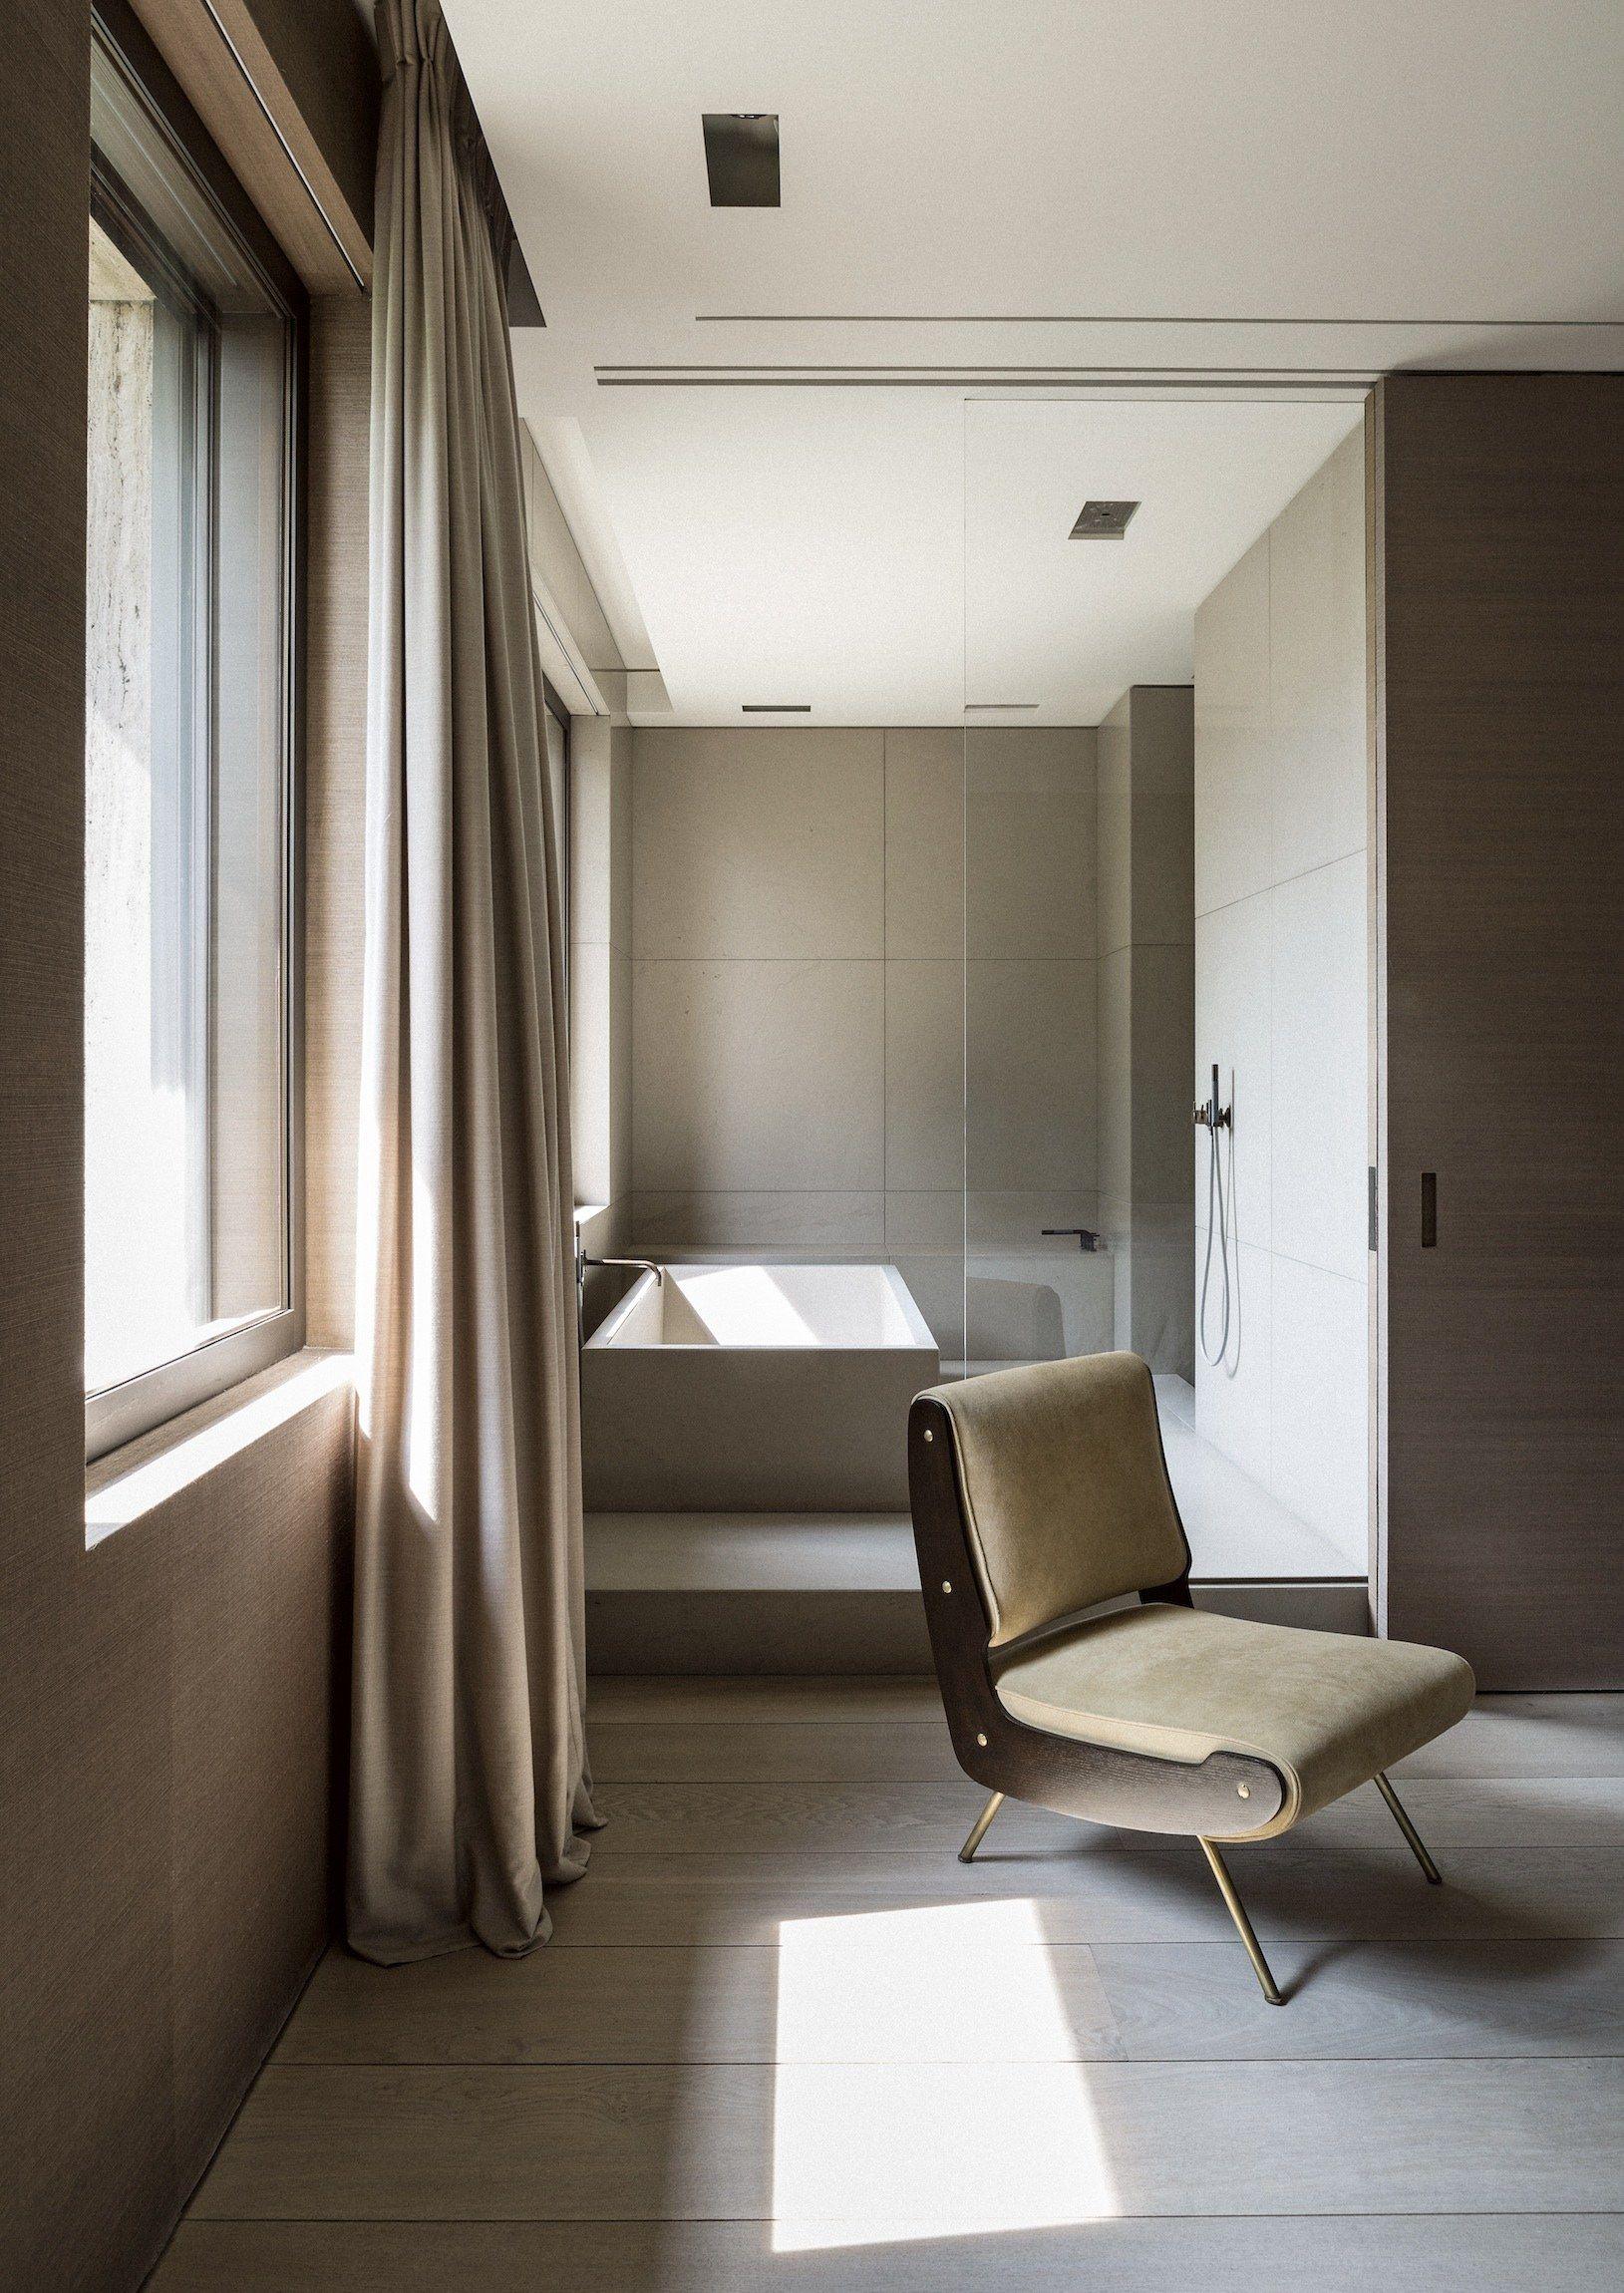 Modern, Minimal Design by Vincent Van Duysen Architects ...